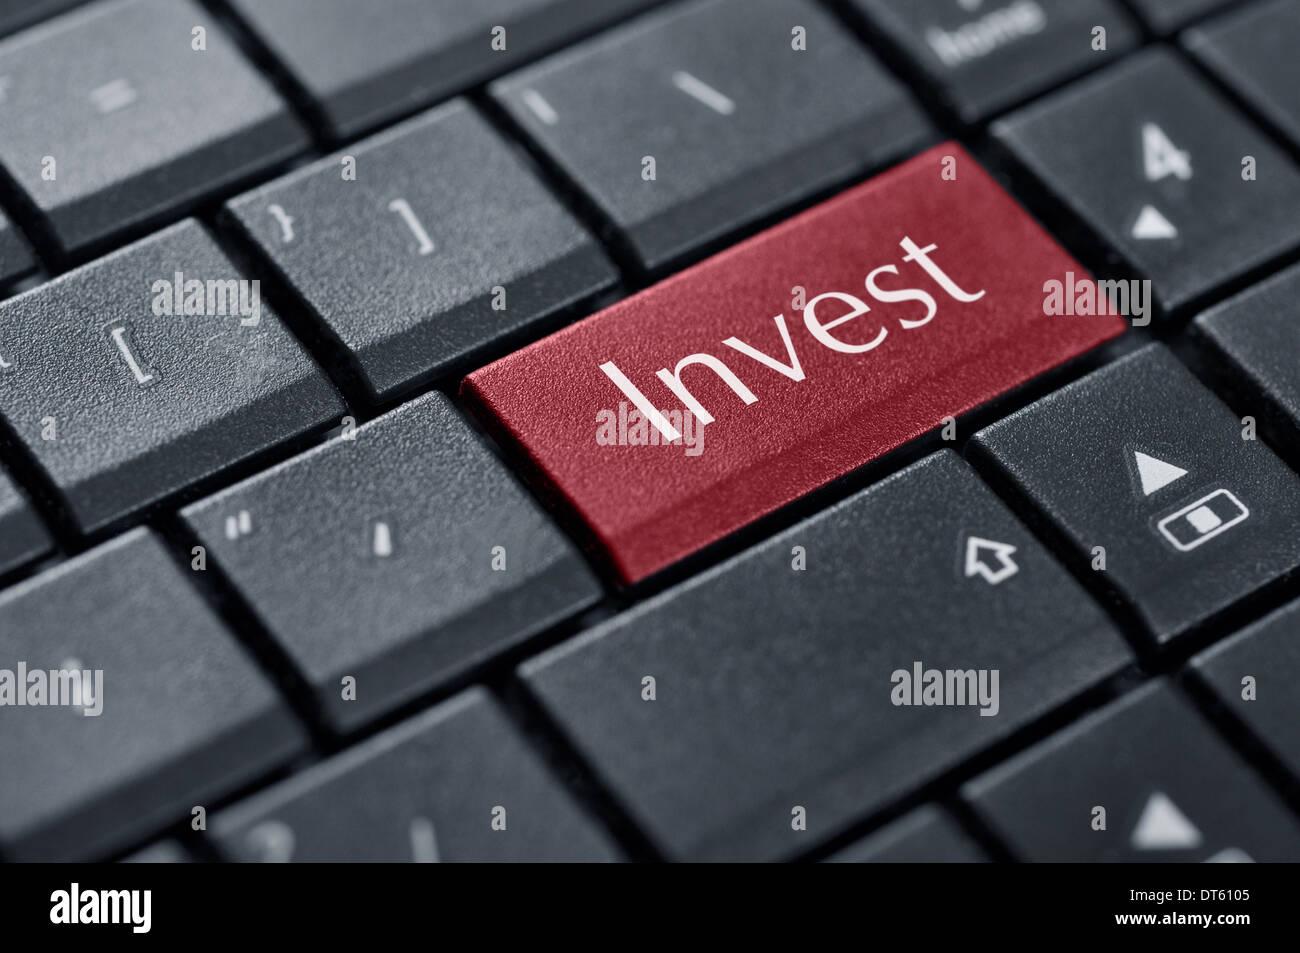 Investir concept. Mot investir sur le bouton du clavier de l'ordinateur. Photo Stock